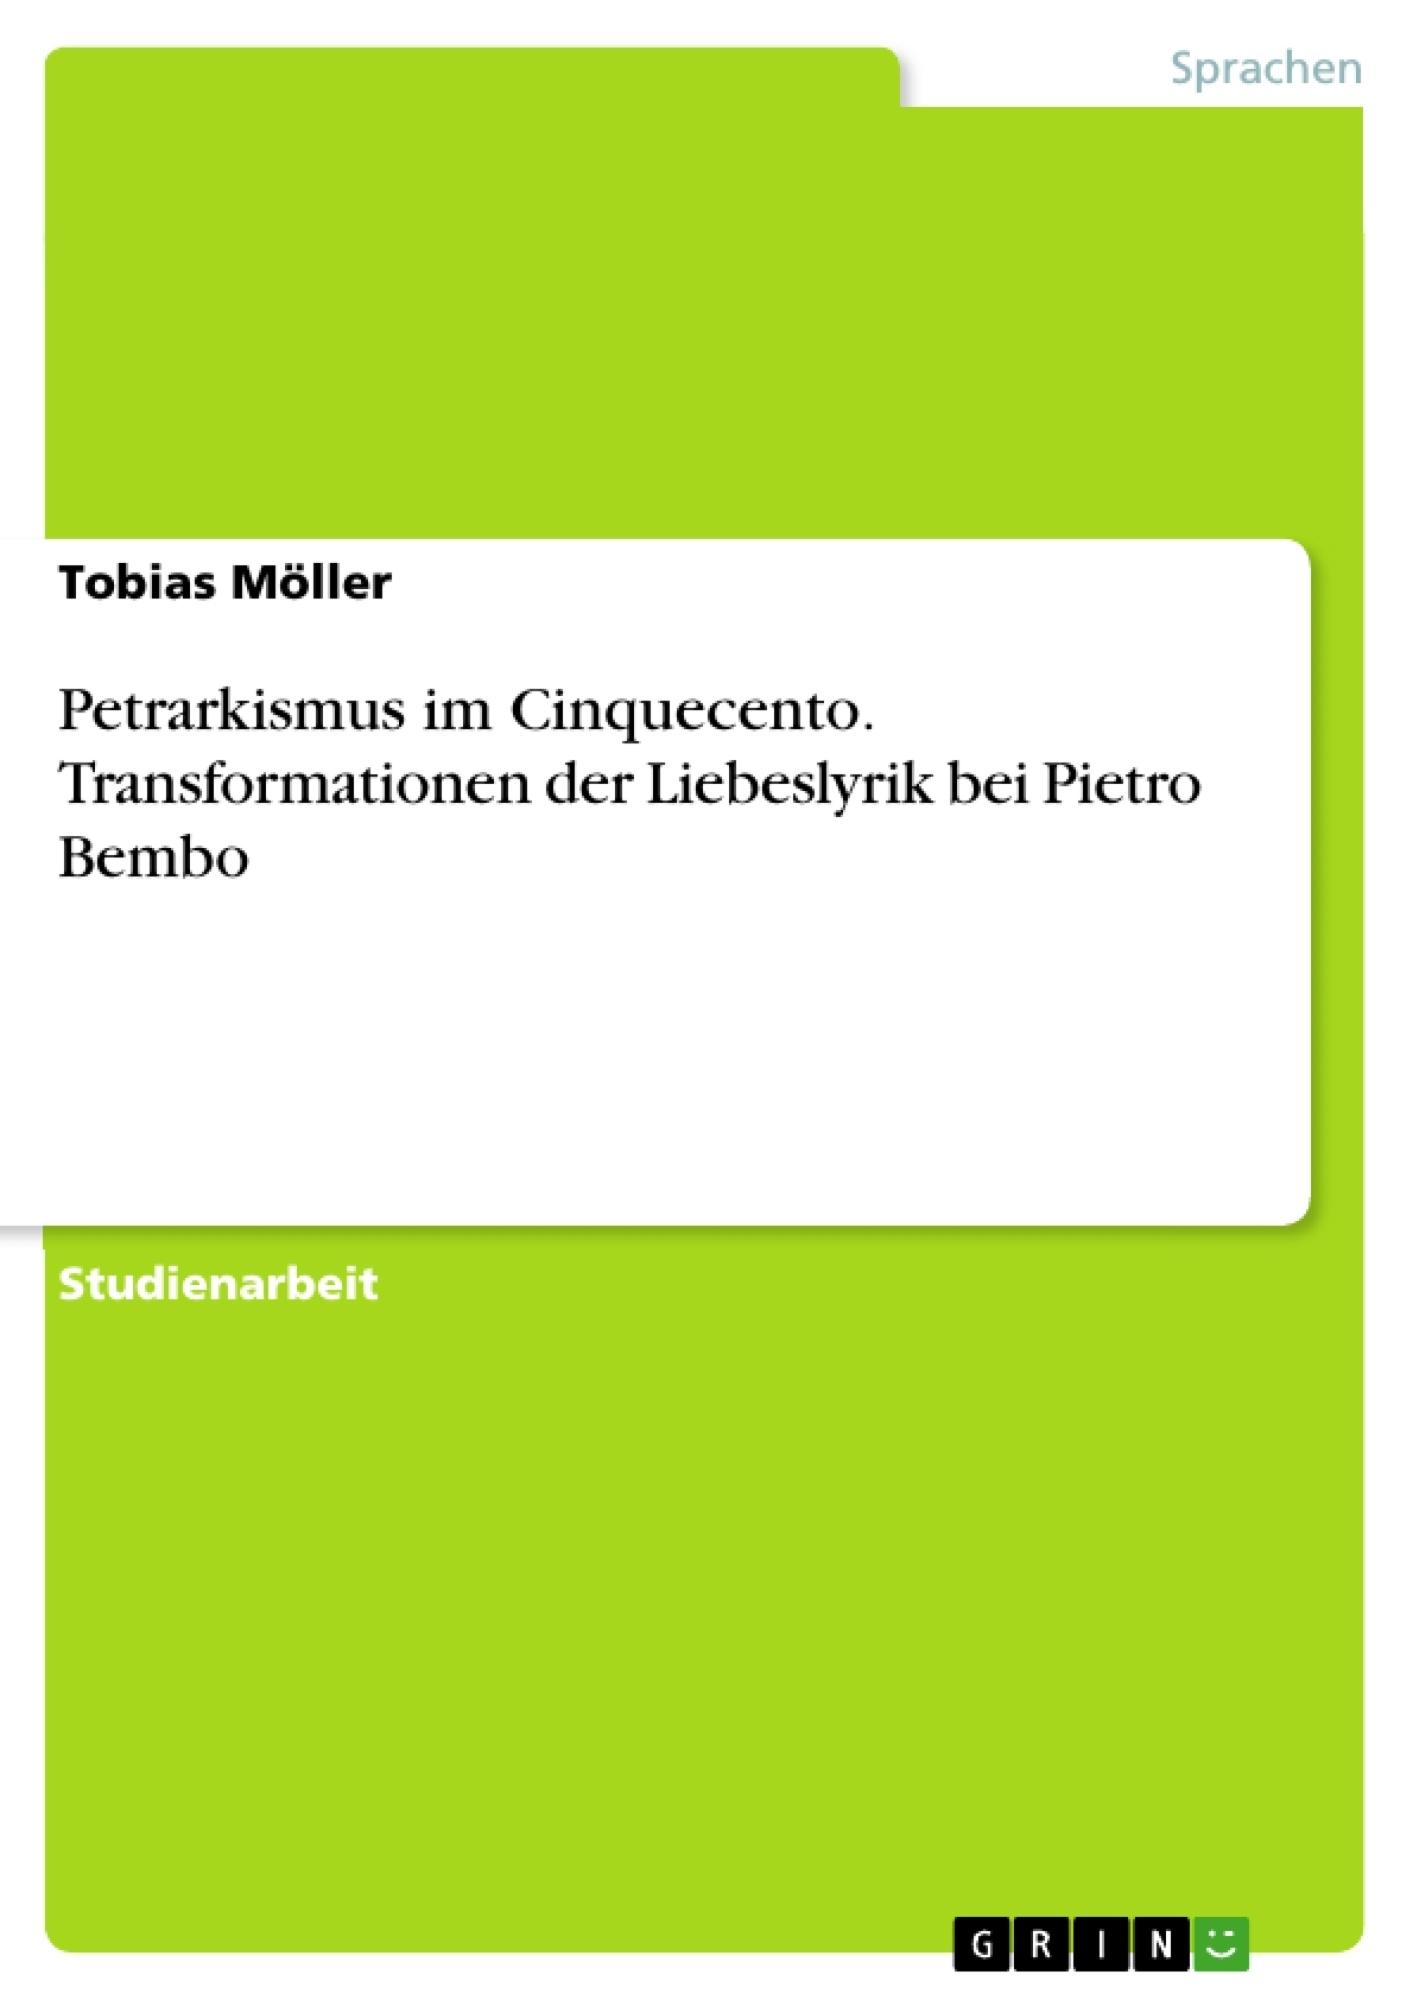 Titel: Petrarkismus im Cinquecento. Transformationen der Liebeslyrik bei Pietro Bembo